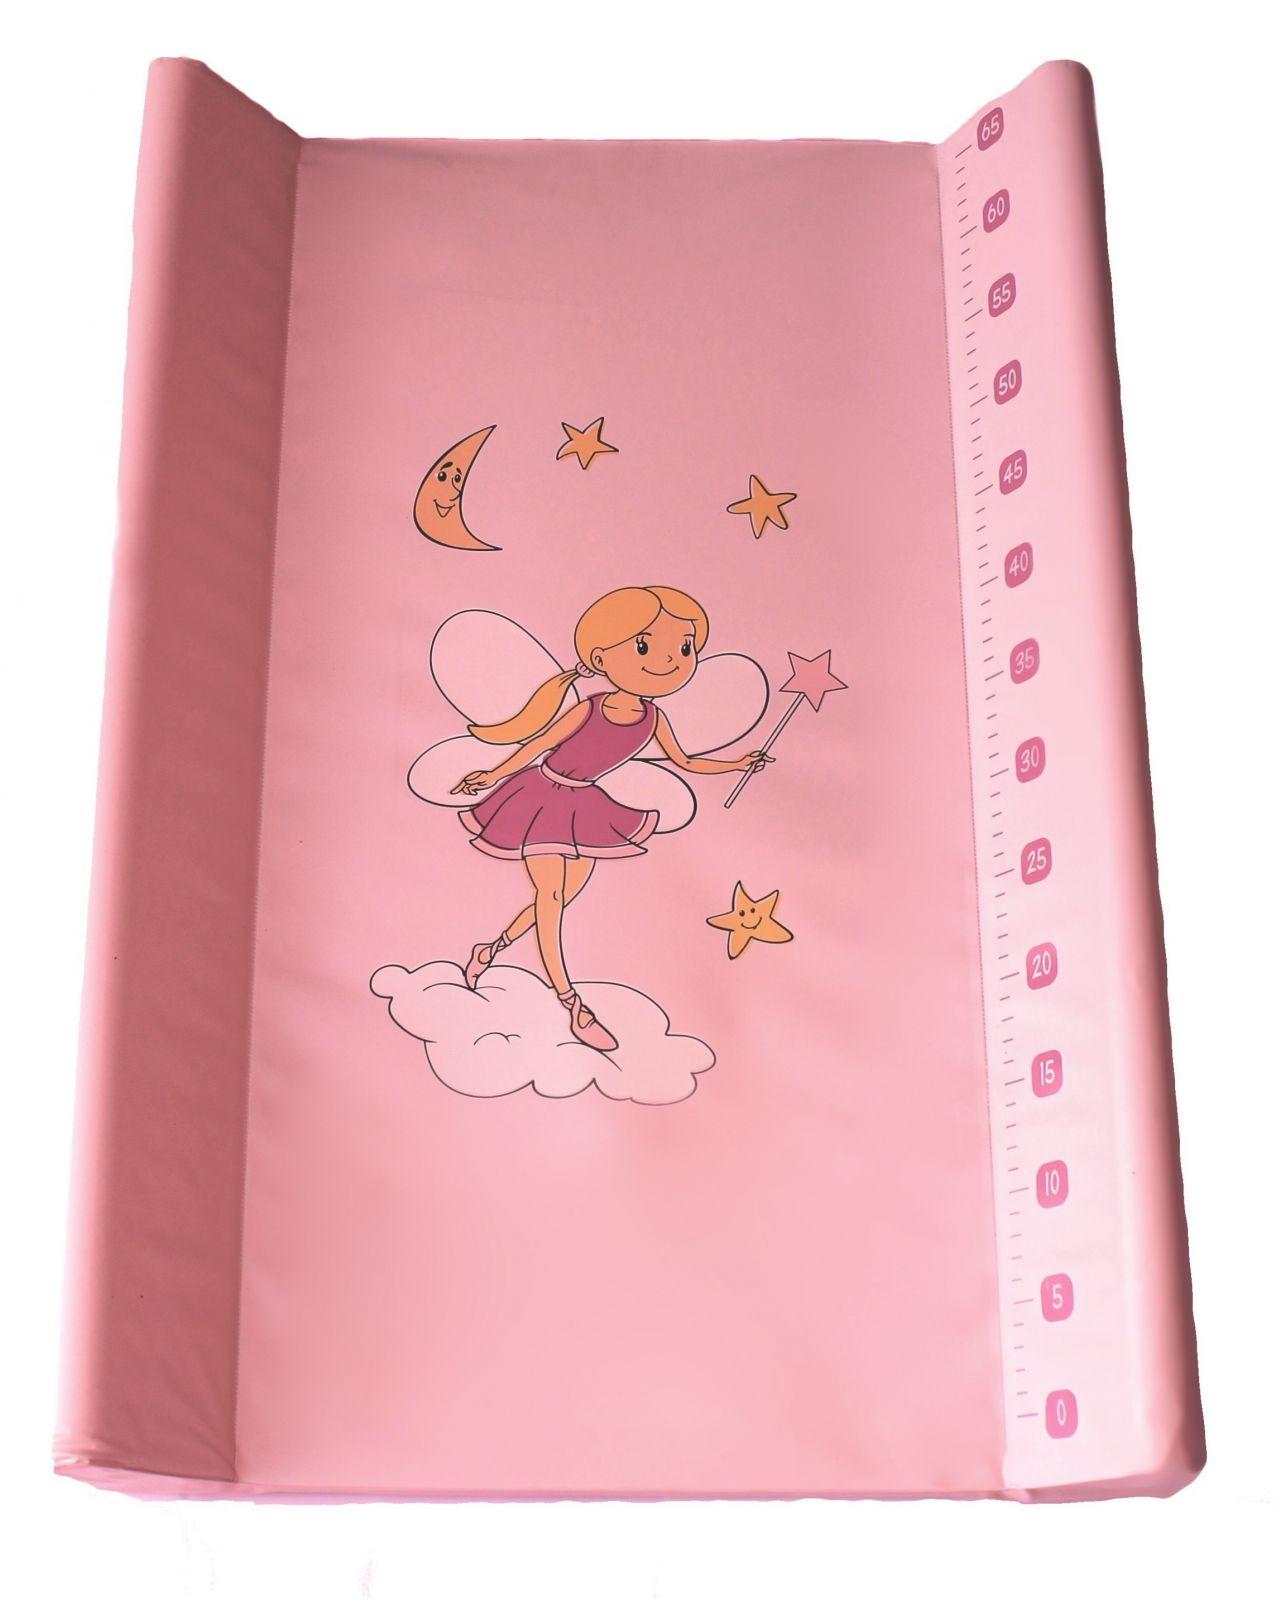 Přebalovací podložka Baby sky tvrdá 50x80 cm růžová víla